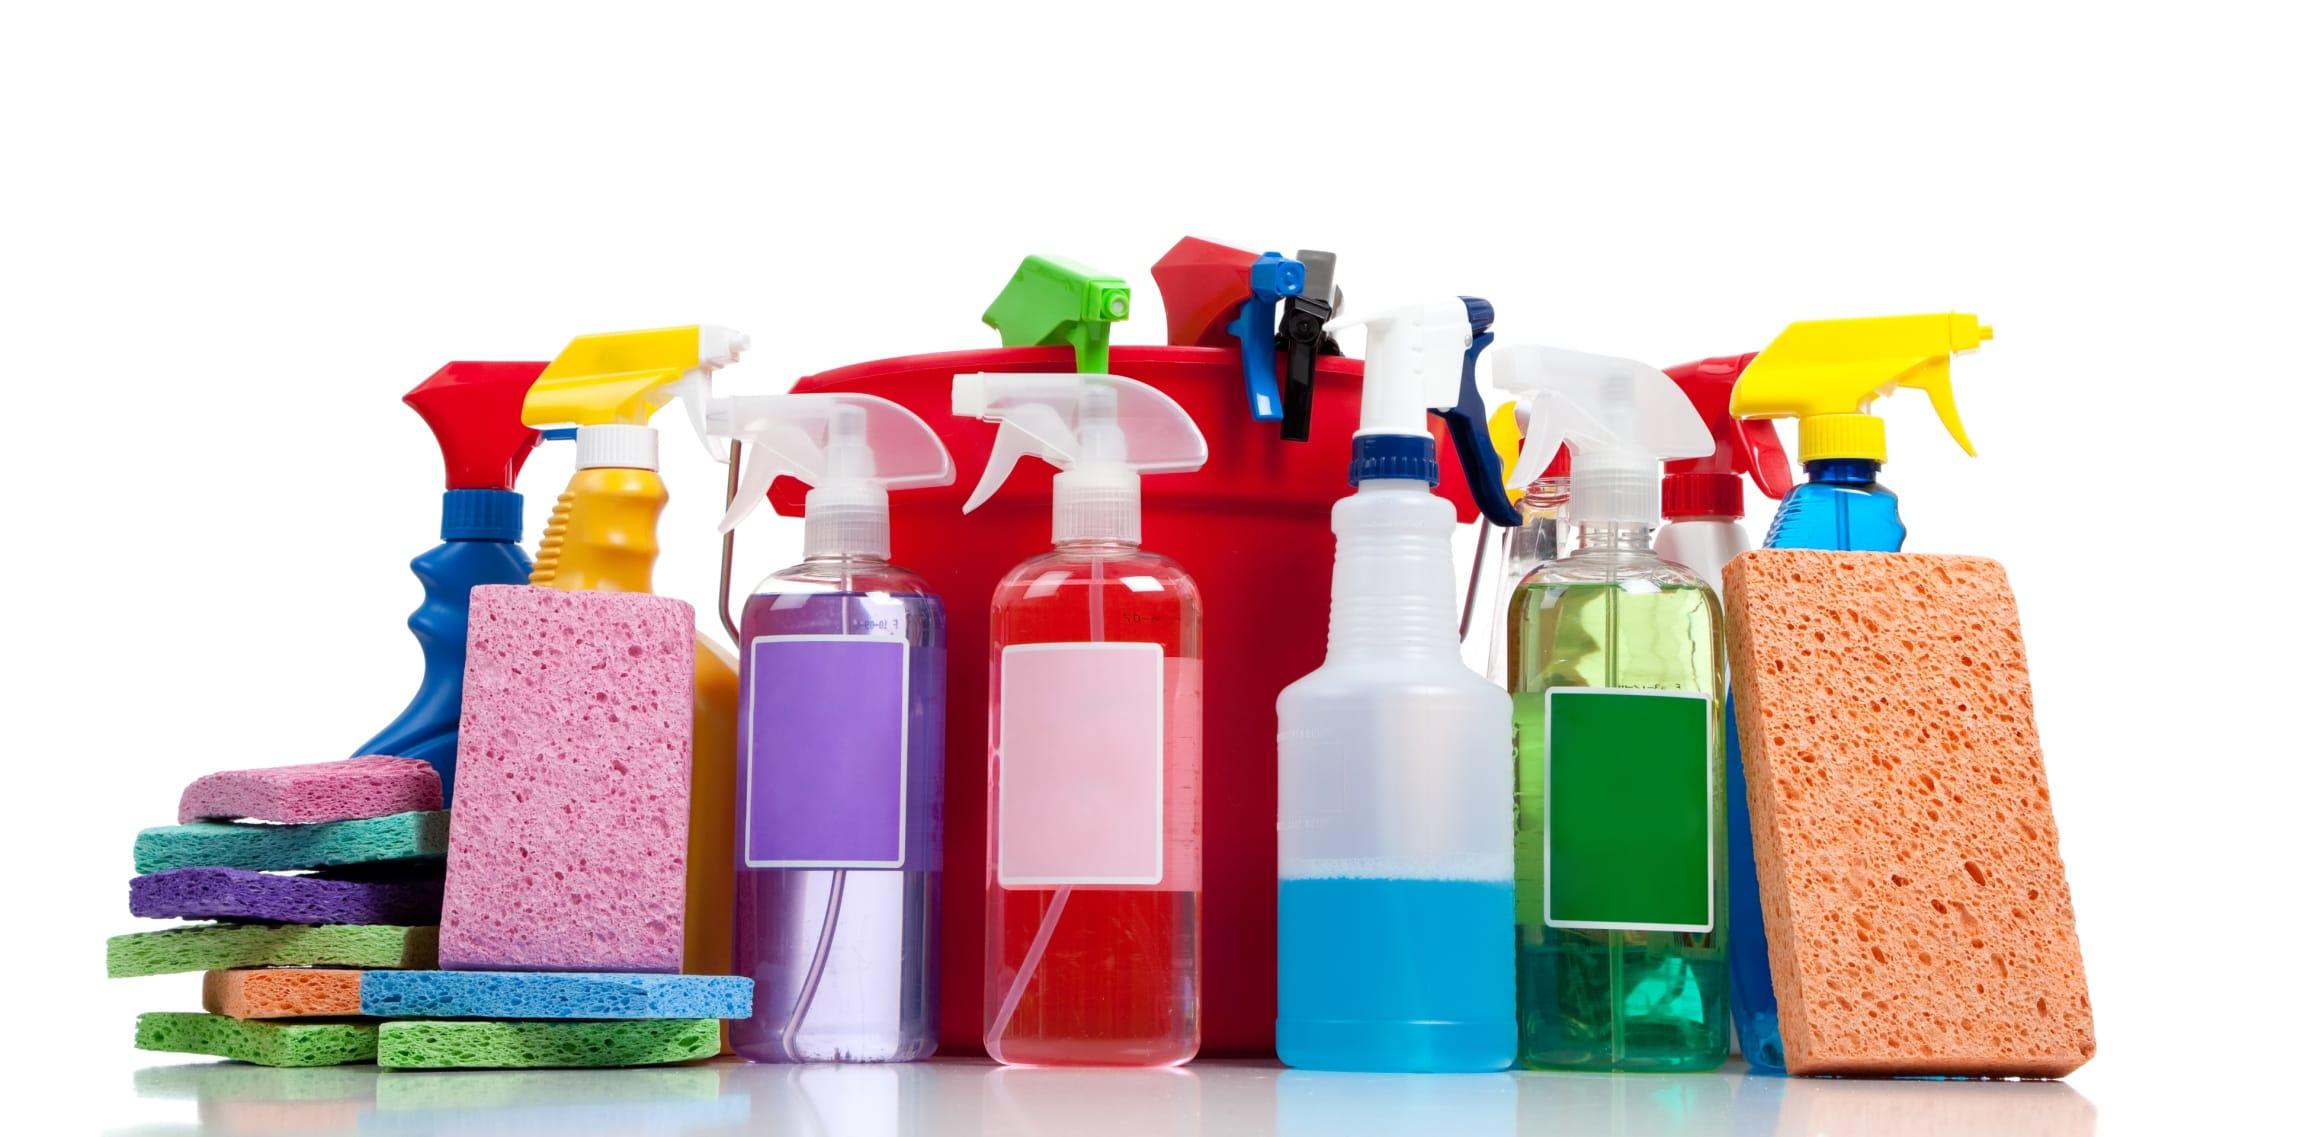 Detersivi fai da te per la casa vodka per le pulizie non sprecare - Antifurto fai da te casa ...